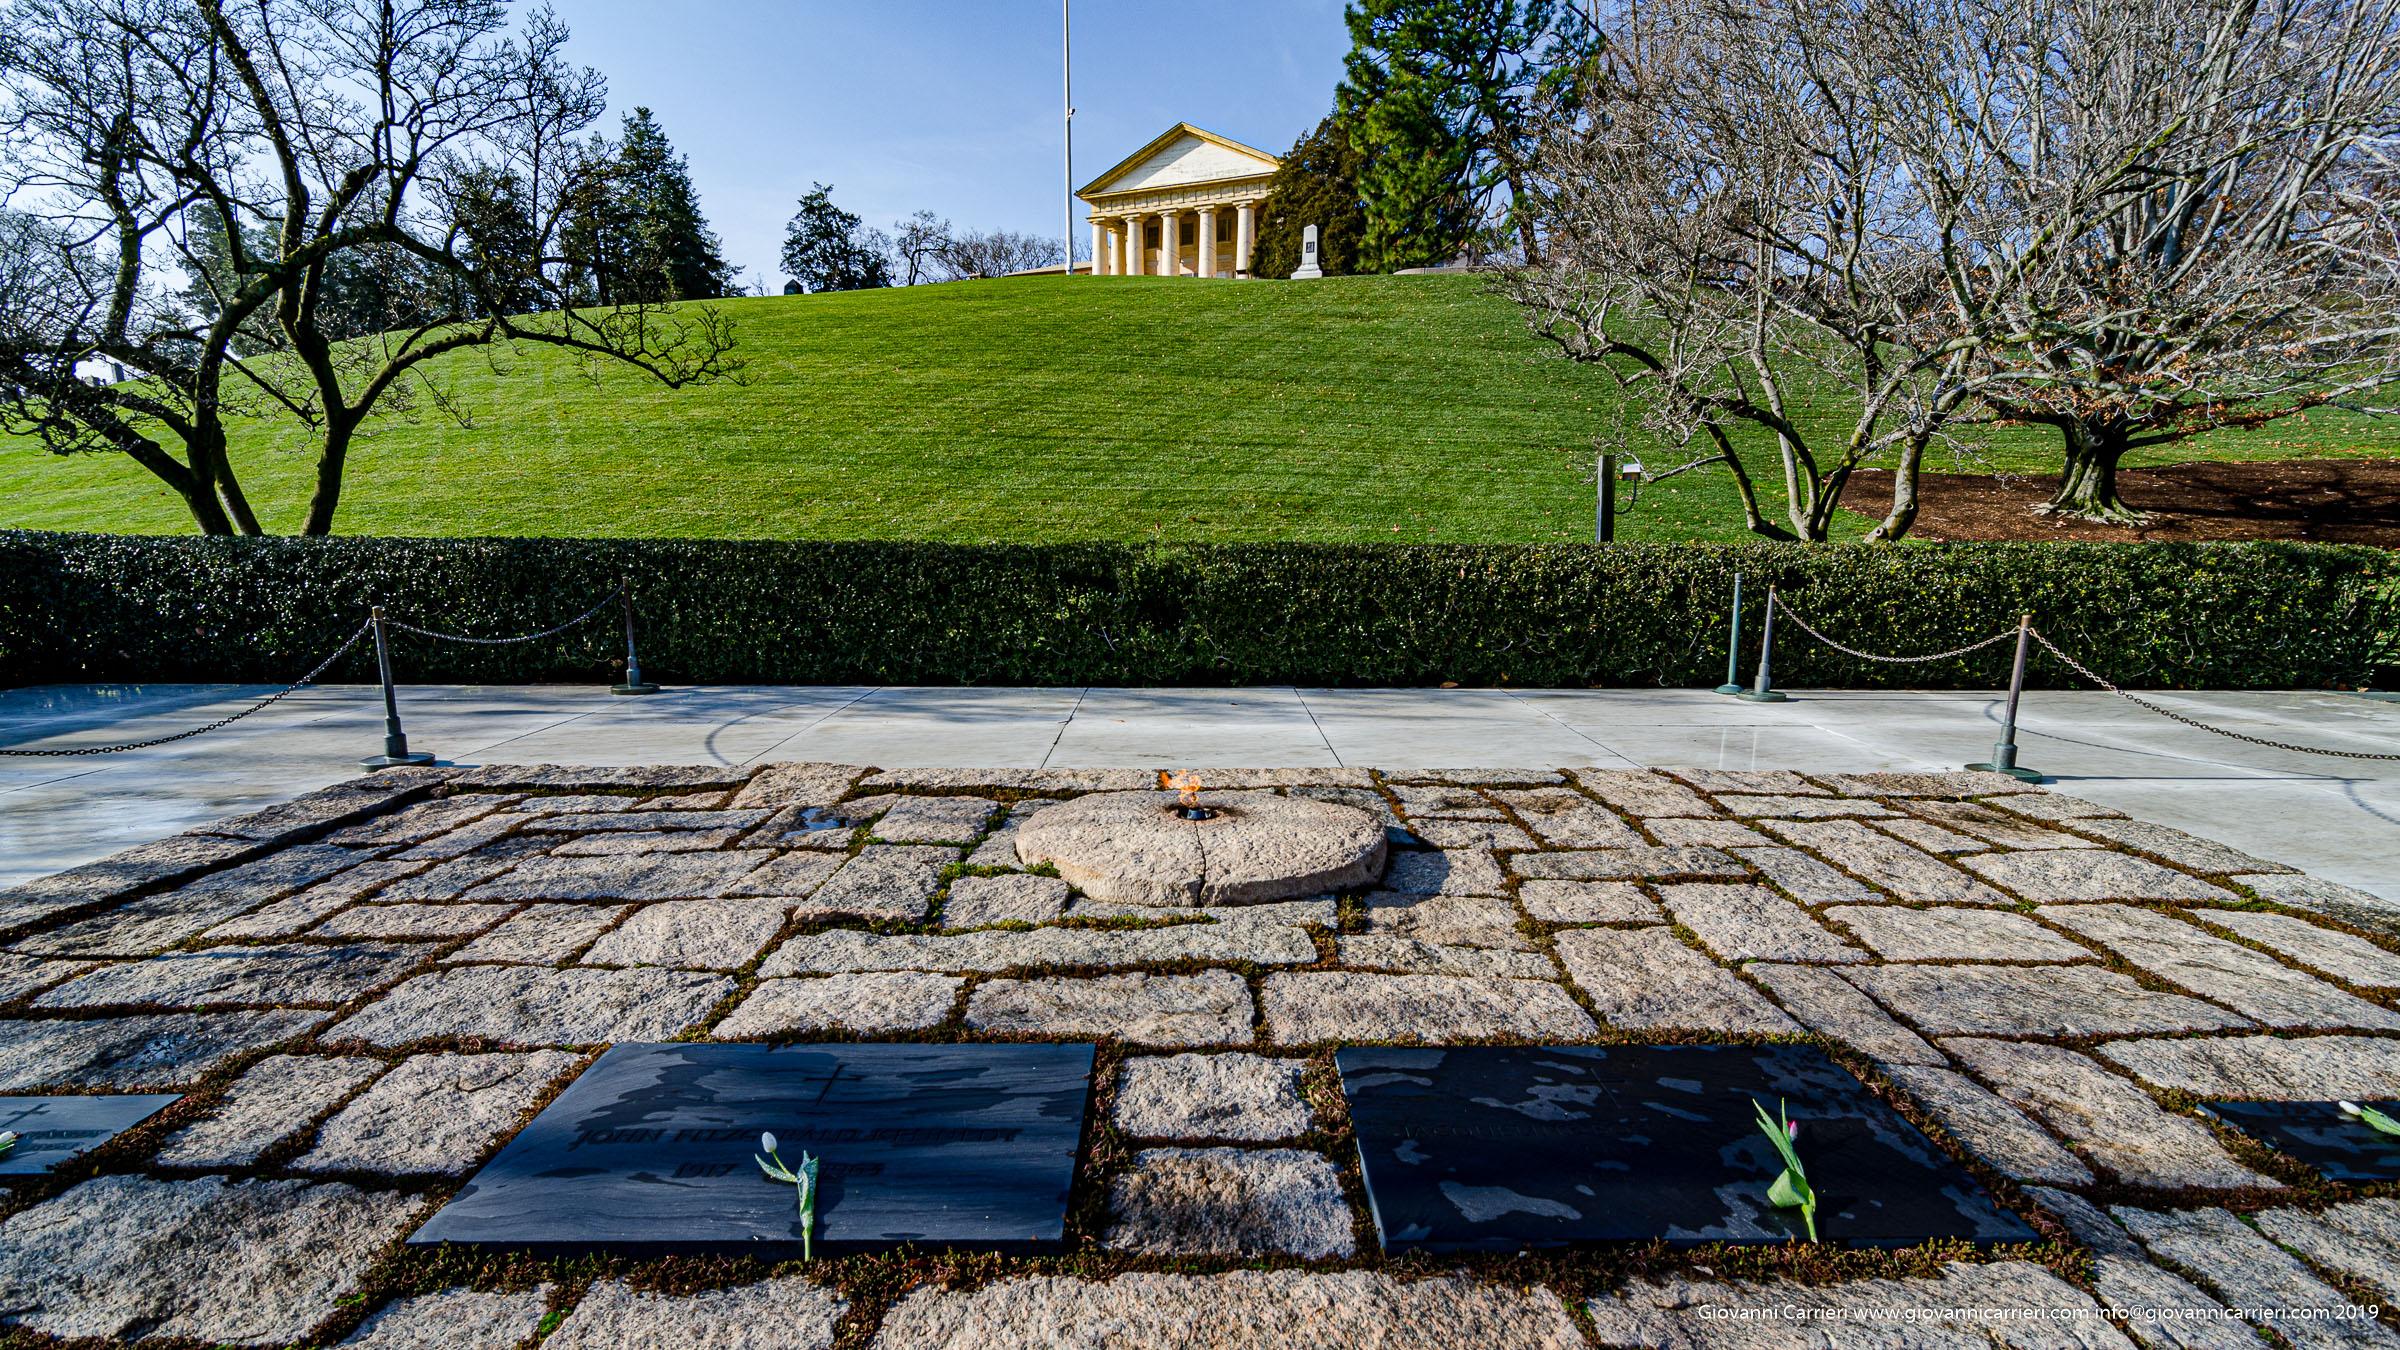 La fiamma eterna in ricordo di John F. Kennedy